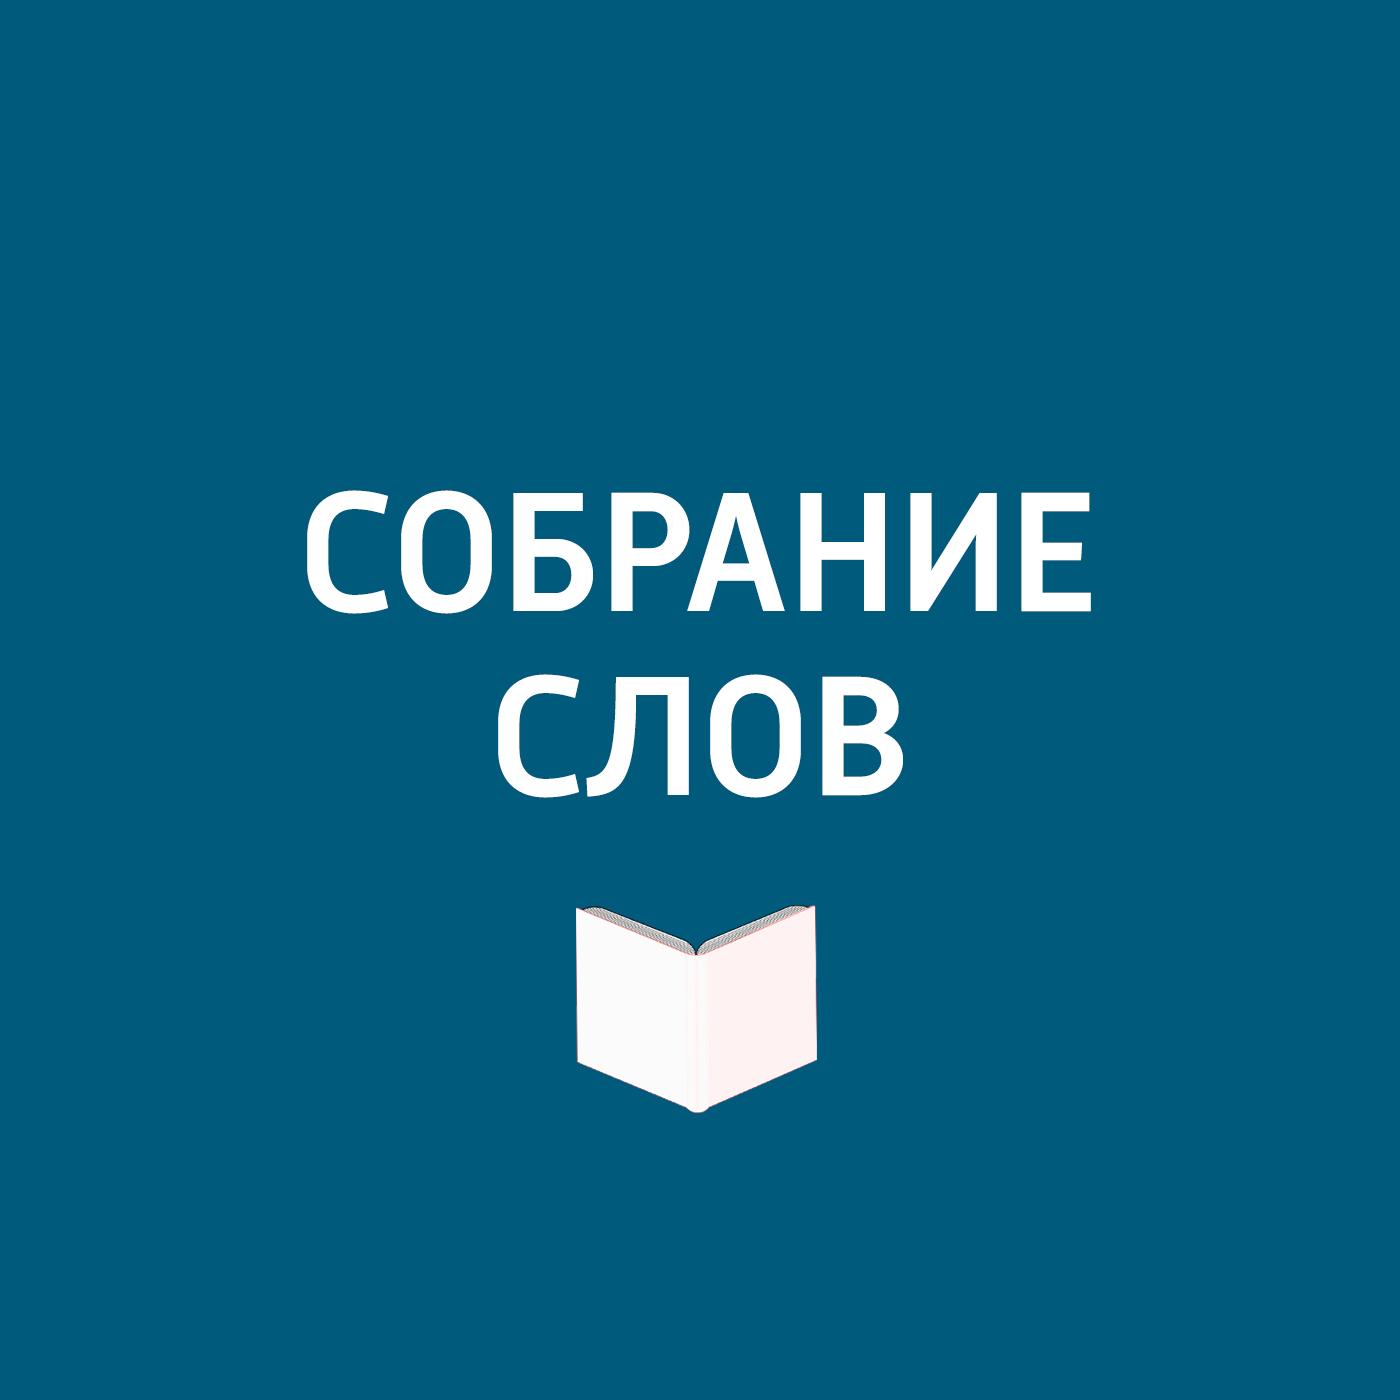 все цены на Творческий коллектив программы «Собрание слов» Большое интервью Александра Прошкина онлайн